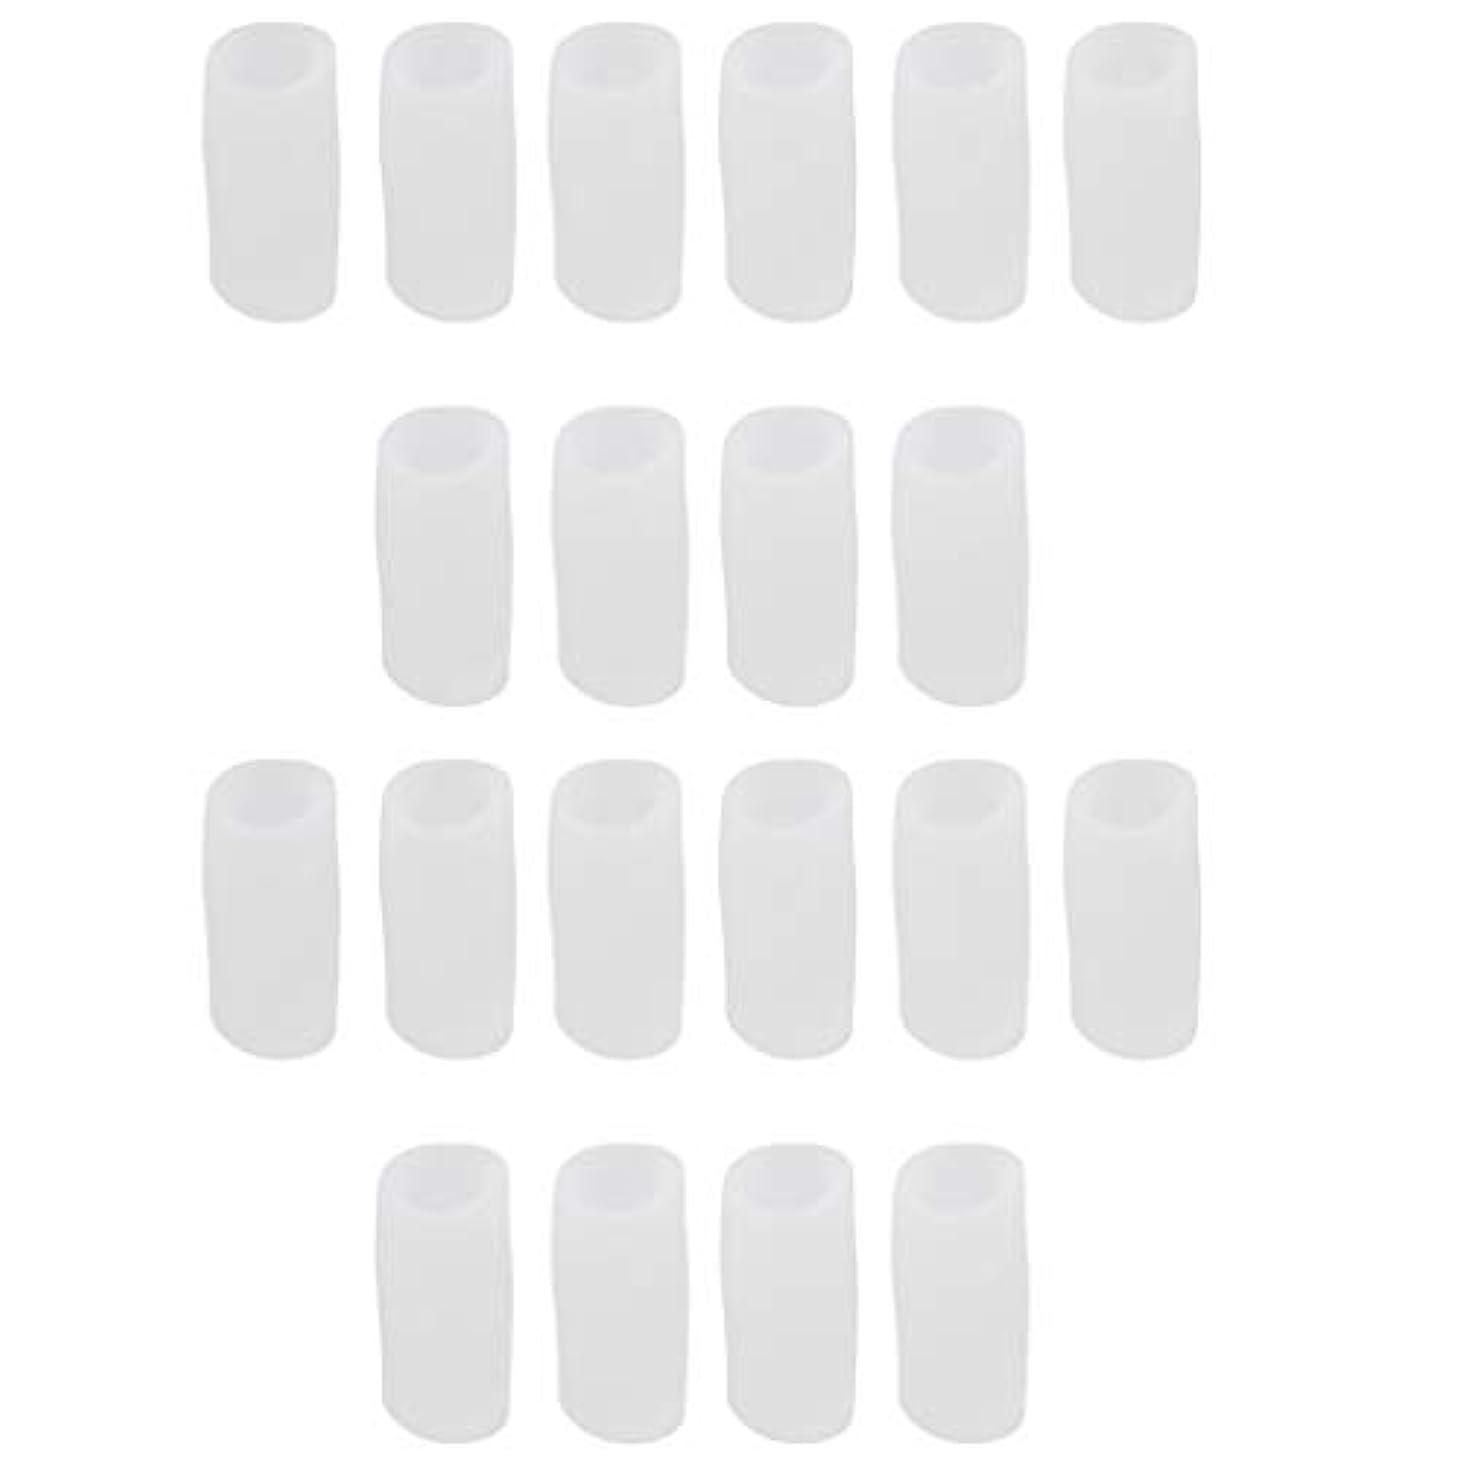 バイオリニスト省略する広範囲CUTICATE 足指保護キャップ つま先プロテクター つま先 キャップ シリカゲル 柔軟性 洗える 20個 全2サイズ - S